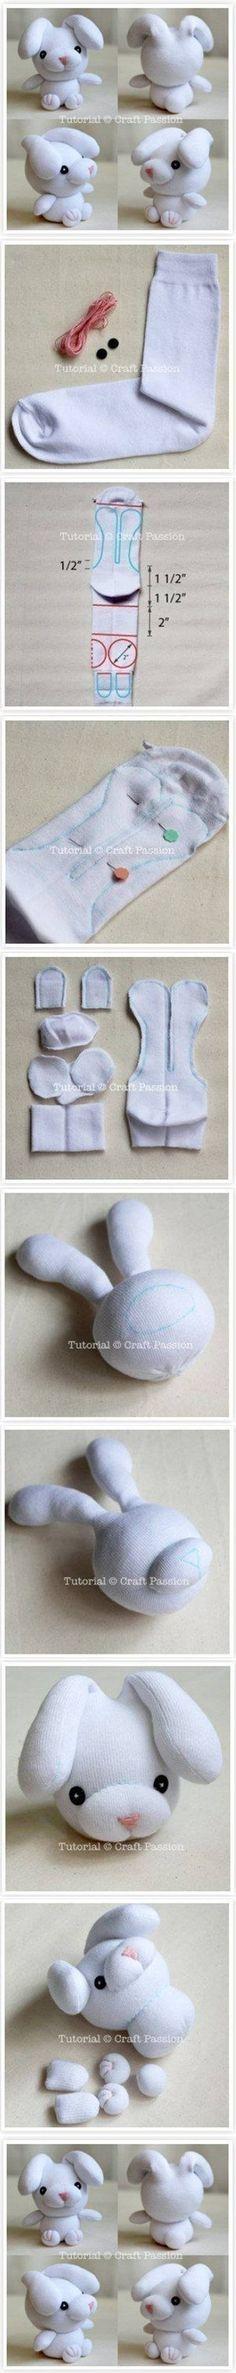 DIY Sew Sock Bunny